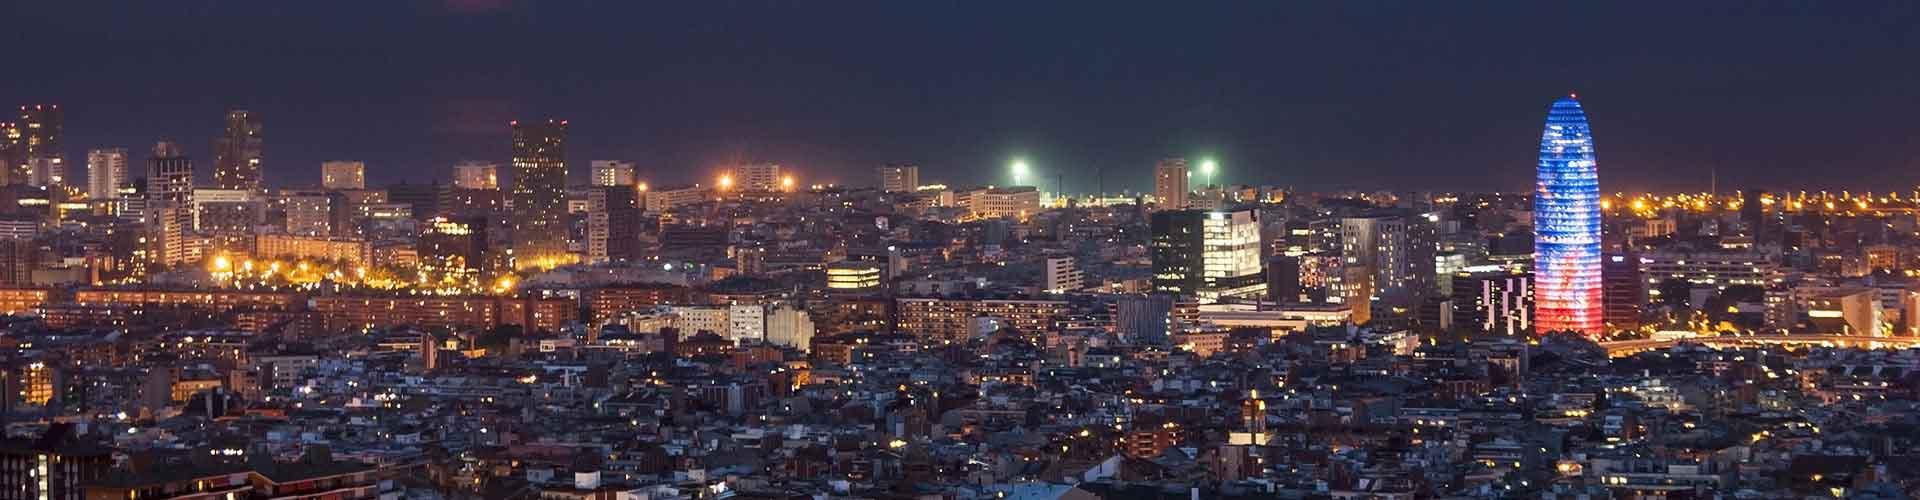 바르셀로나 - 아그바 타워에 가까운 아파트. 바르셀로나의 지도, 바르셀로나에 위치한 아파트에 대한 사진 및 리뷰.